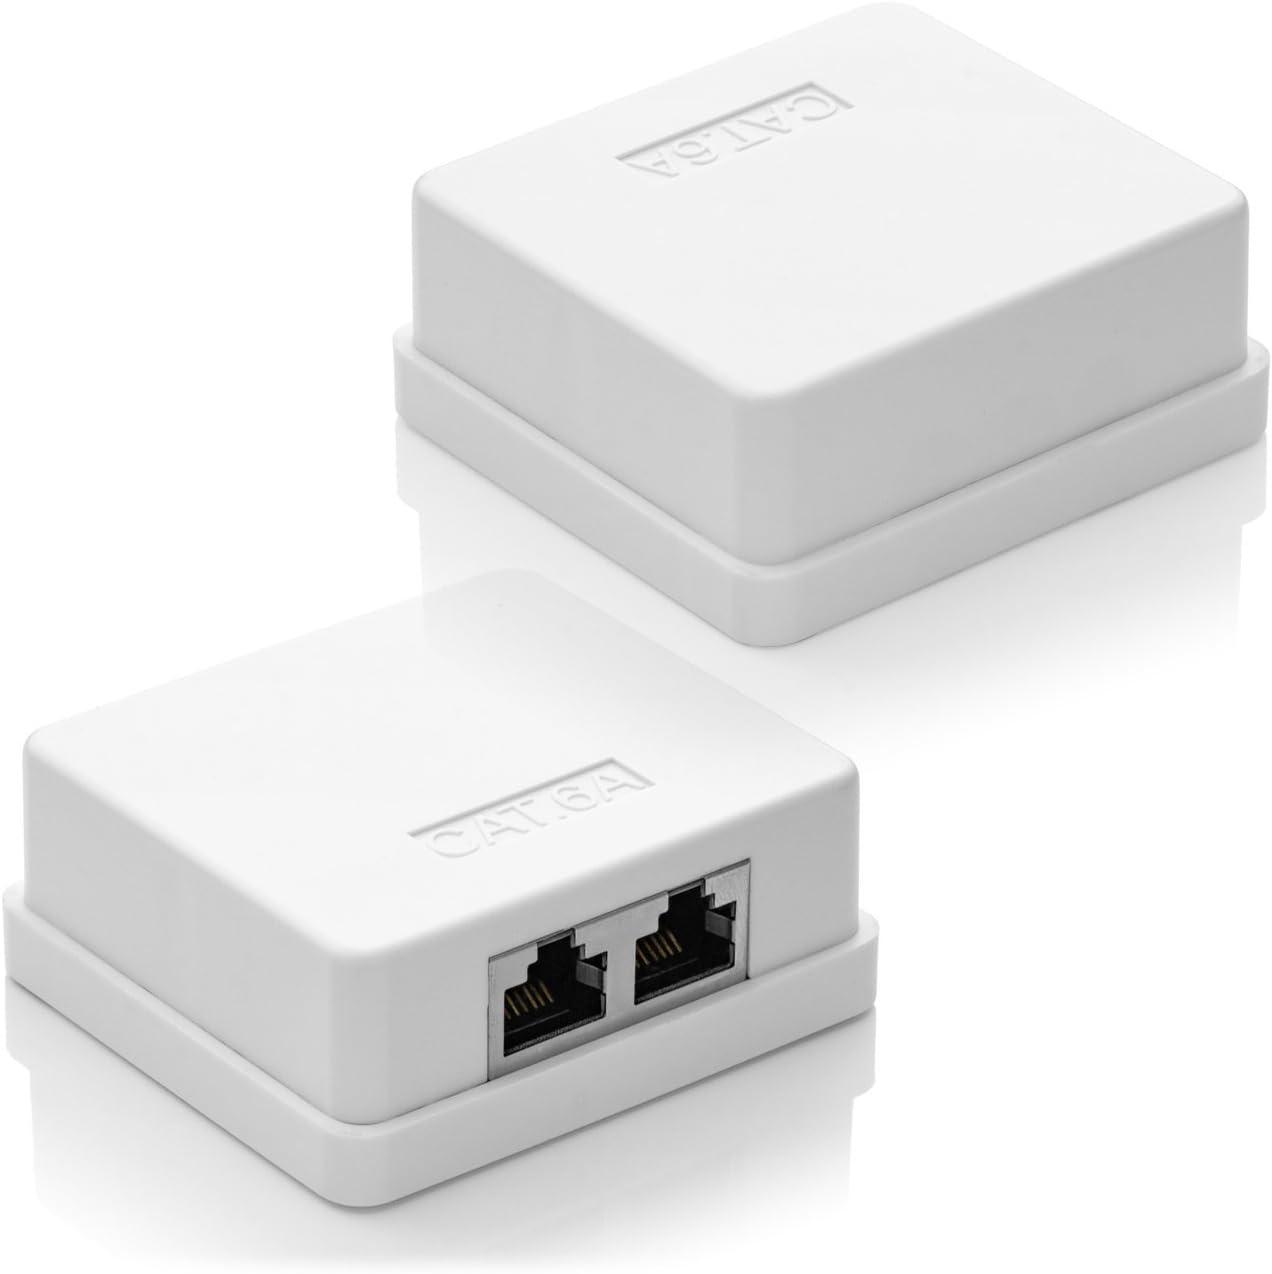 deleyCON 3X Cat 6a Superficie RJ45 2X Puertos Conector de Red Blindados FTP 10 Gbit Ethernet LAN Cable de Conexión: Amazon.es: Electrónica